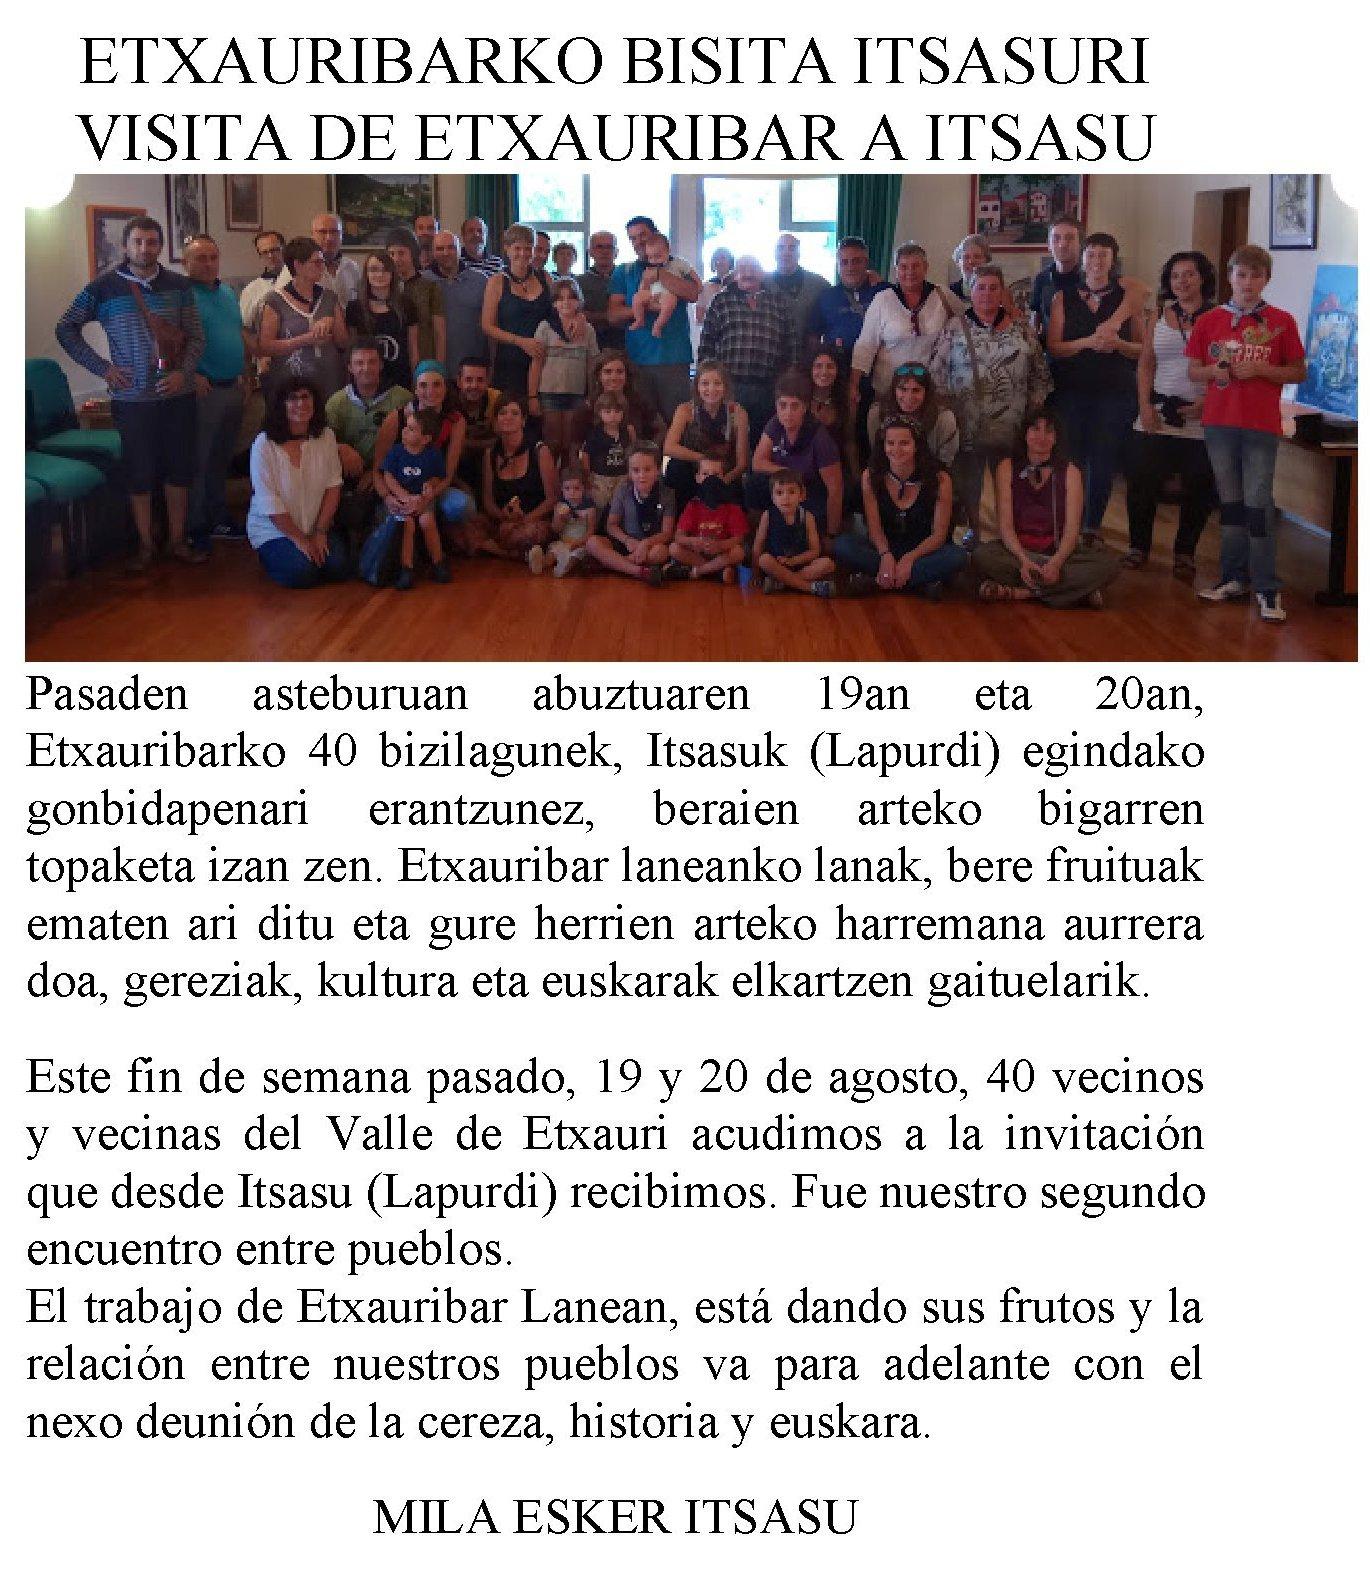 ETXAURIBARKO_BISITA_ITSASURI